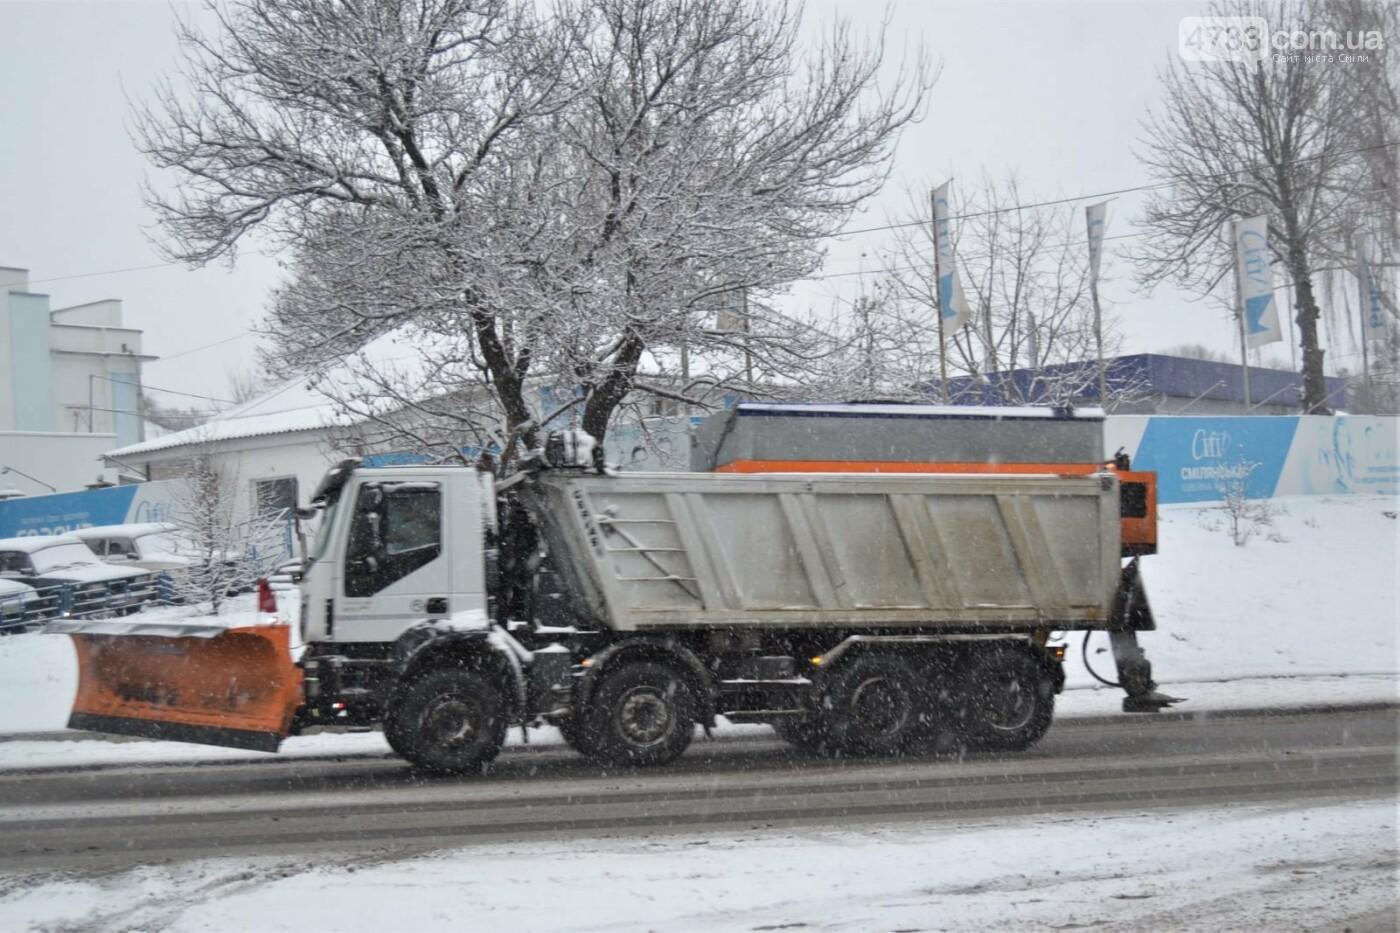 На боротьбу зі снігопадом у Смілі залучили 9 одиниць техніки і 28 прибиральників (ВІДЕО), фото-2, Комунальник